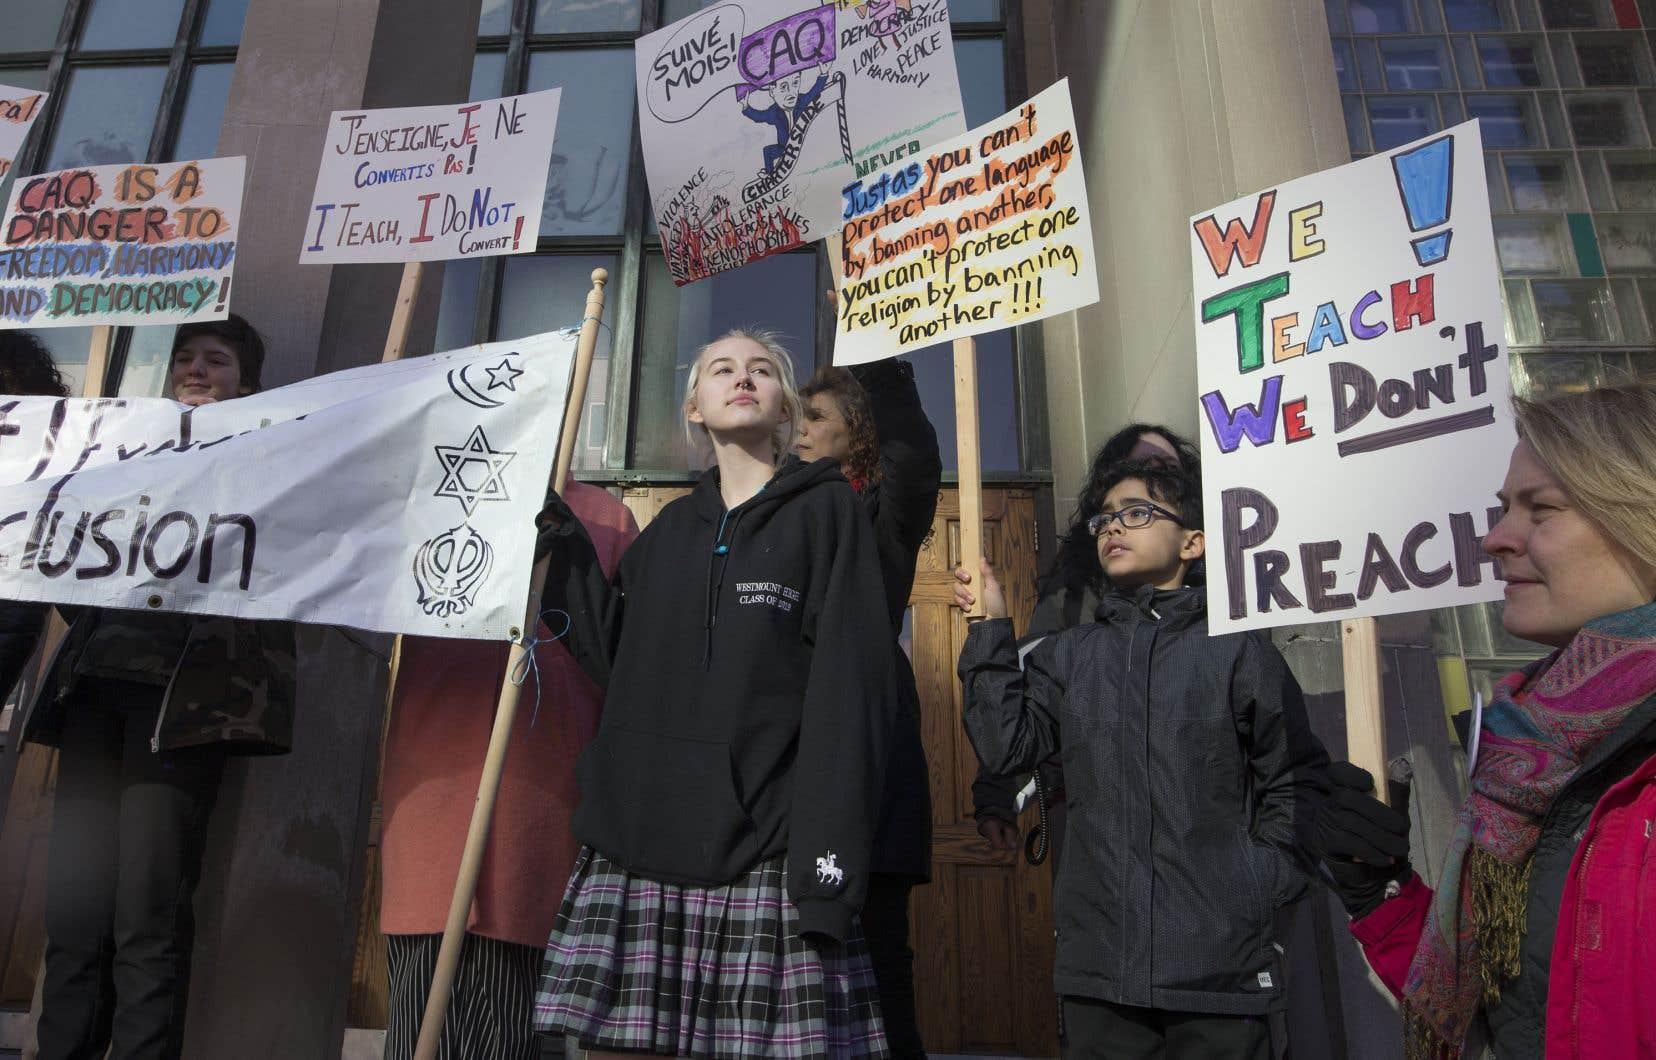 Plusieurs dizaines d'opposants au projet de loi 21 sur la laïcité ont formé une chaîne humaine autour de l'école secondaire anglophone Westmount mercredi matin.